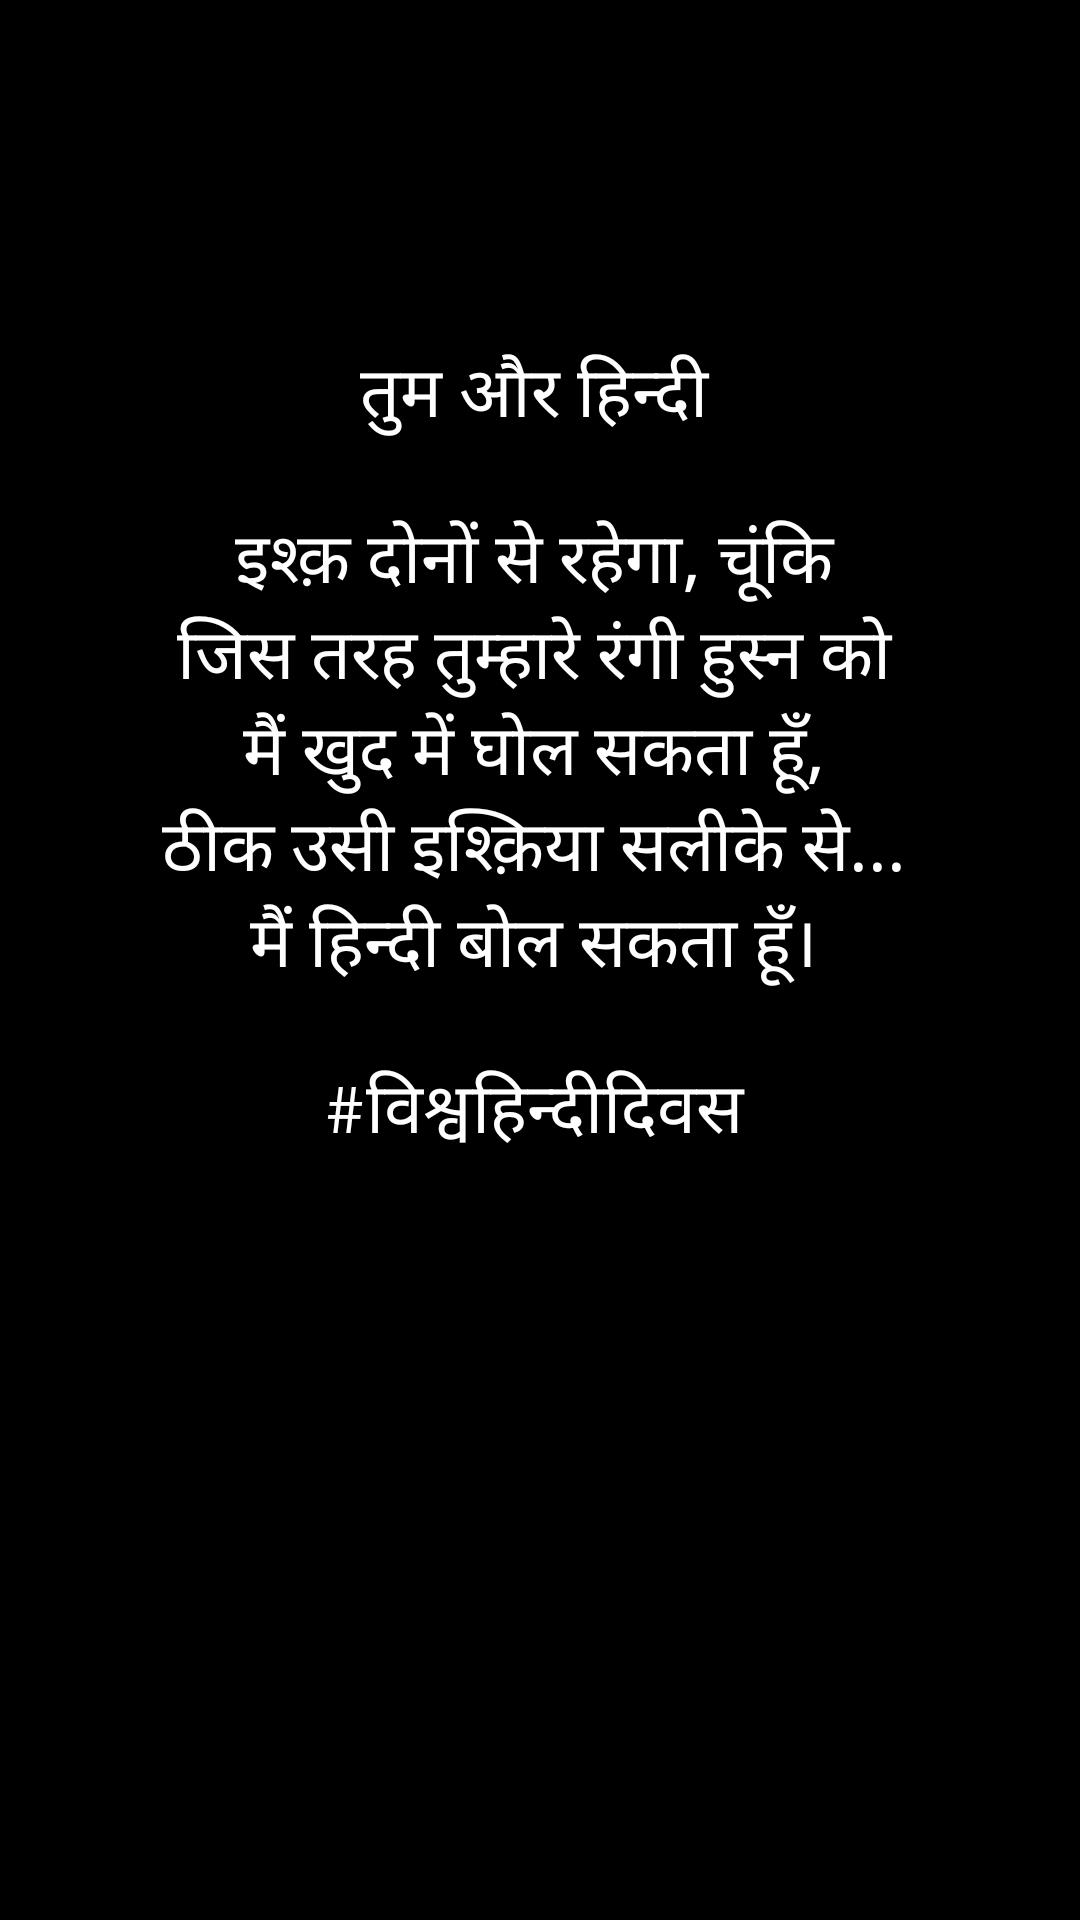 तुम और हिन्दी  इश्क़ दोनों से रहेगा, चूंकि जिस तरह तुम्हारे रंगी हुस्न को मैं खुद में घोल सकता हूँ, ठीक उसी इश्क़िया सलीके से... मैं हिन्दी बोल सकता हूँ।  #विश्वहिन्दीदिवस